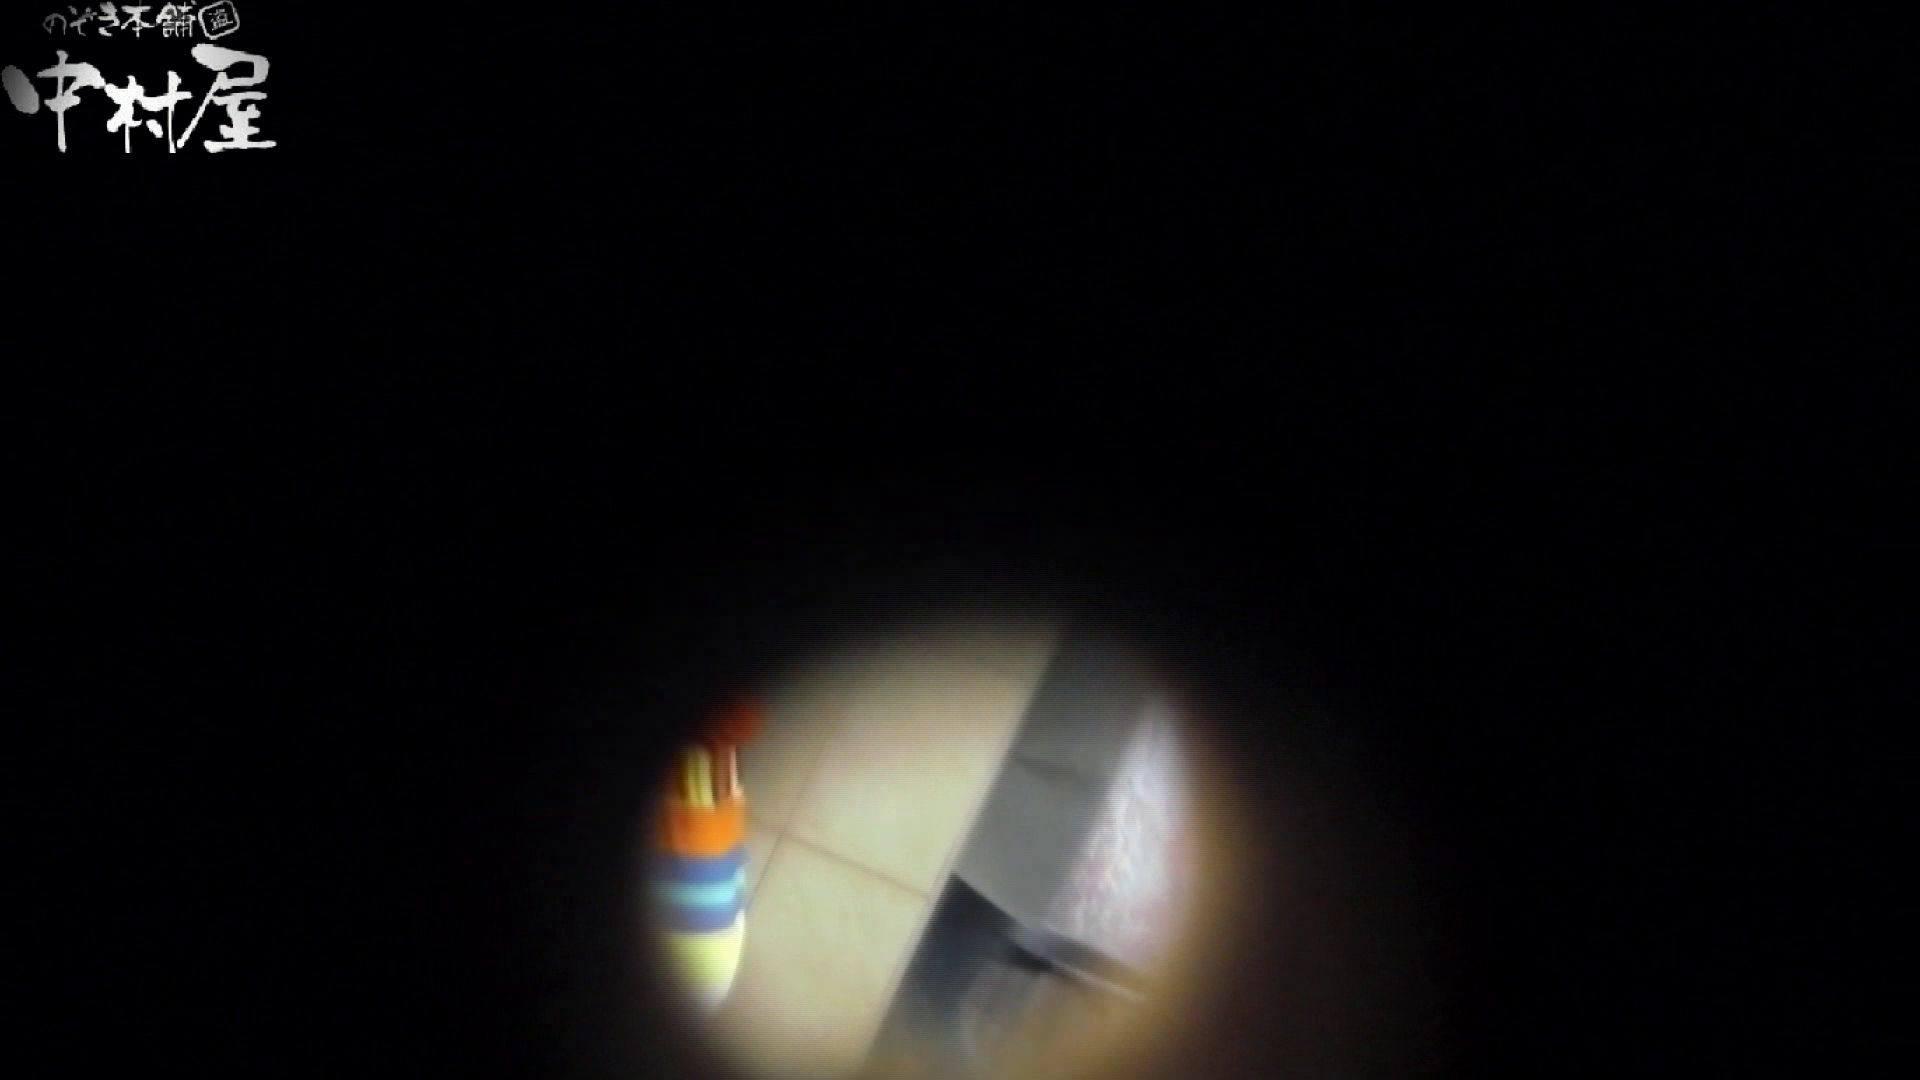 世界の射窓から vol.43 ソーニュー 前編 洗面所編  105PIX 68